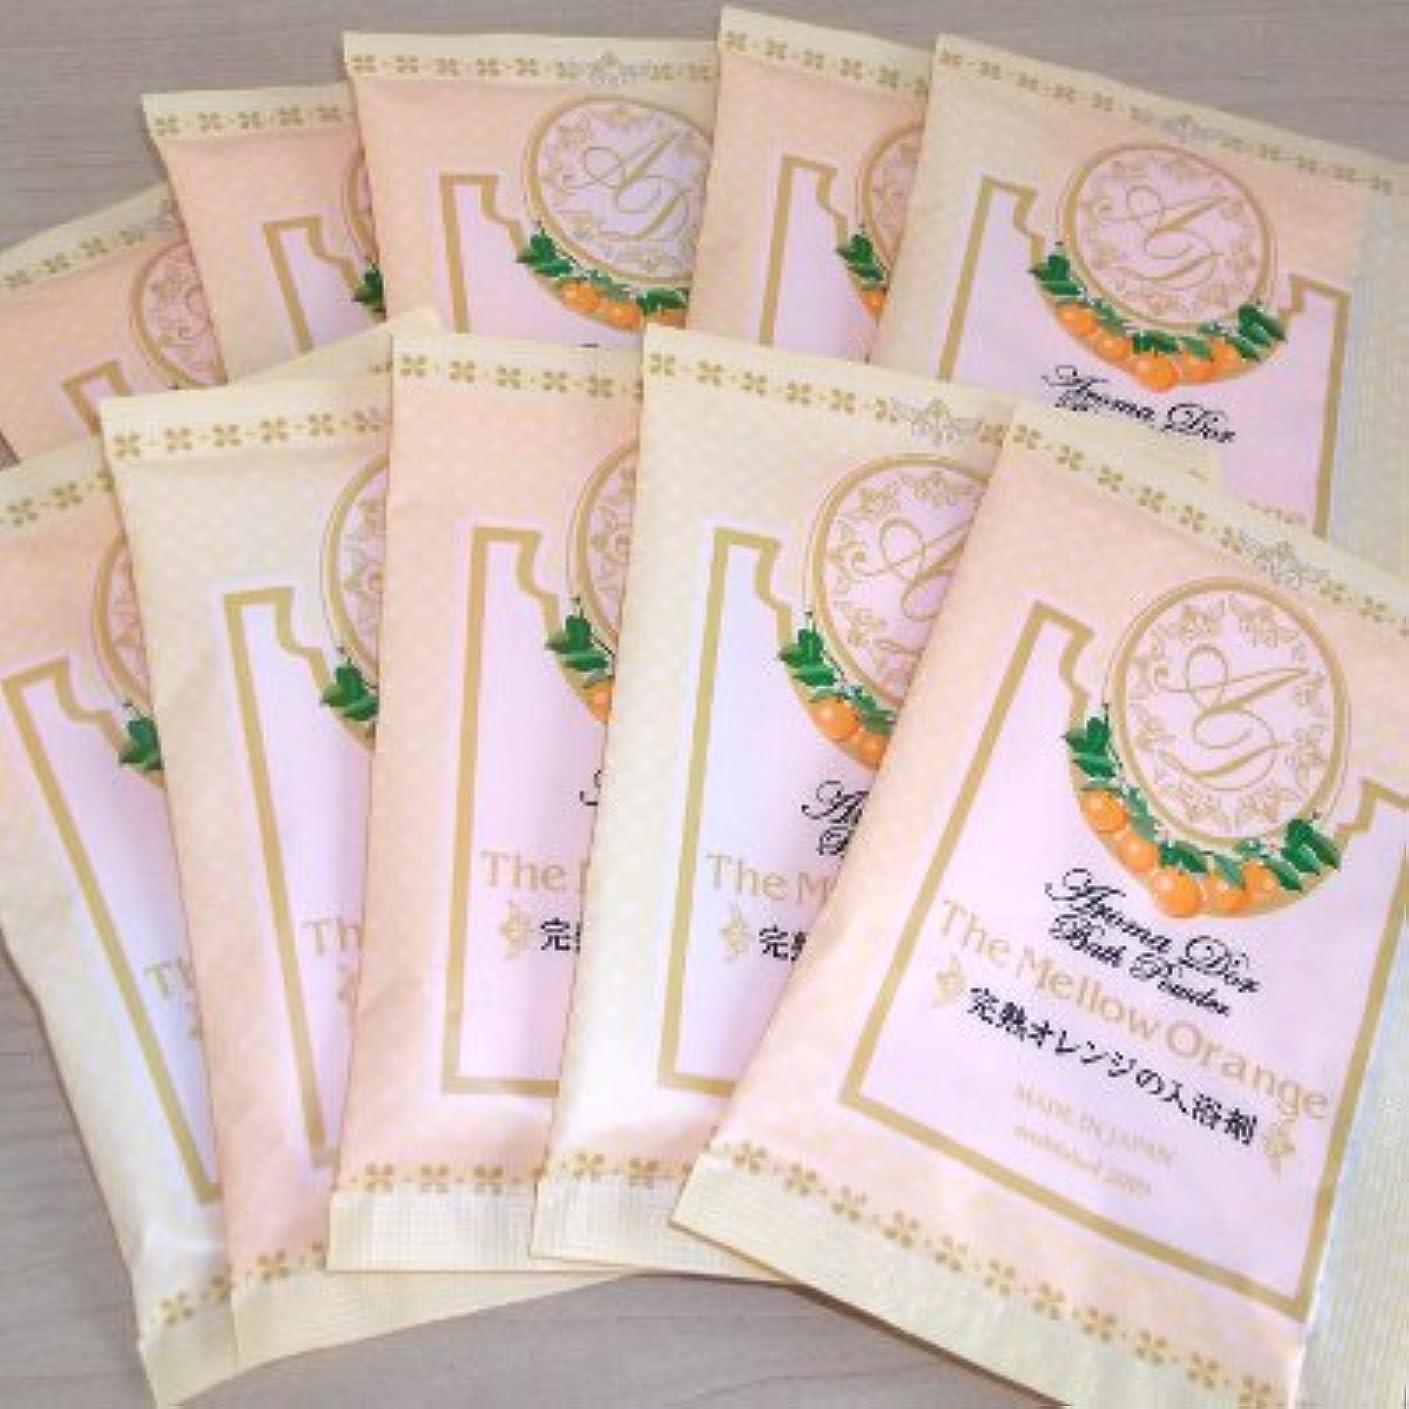 攻撃的受ける司教アロマドール 完熟オレンジの香り 10包セット